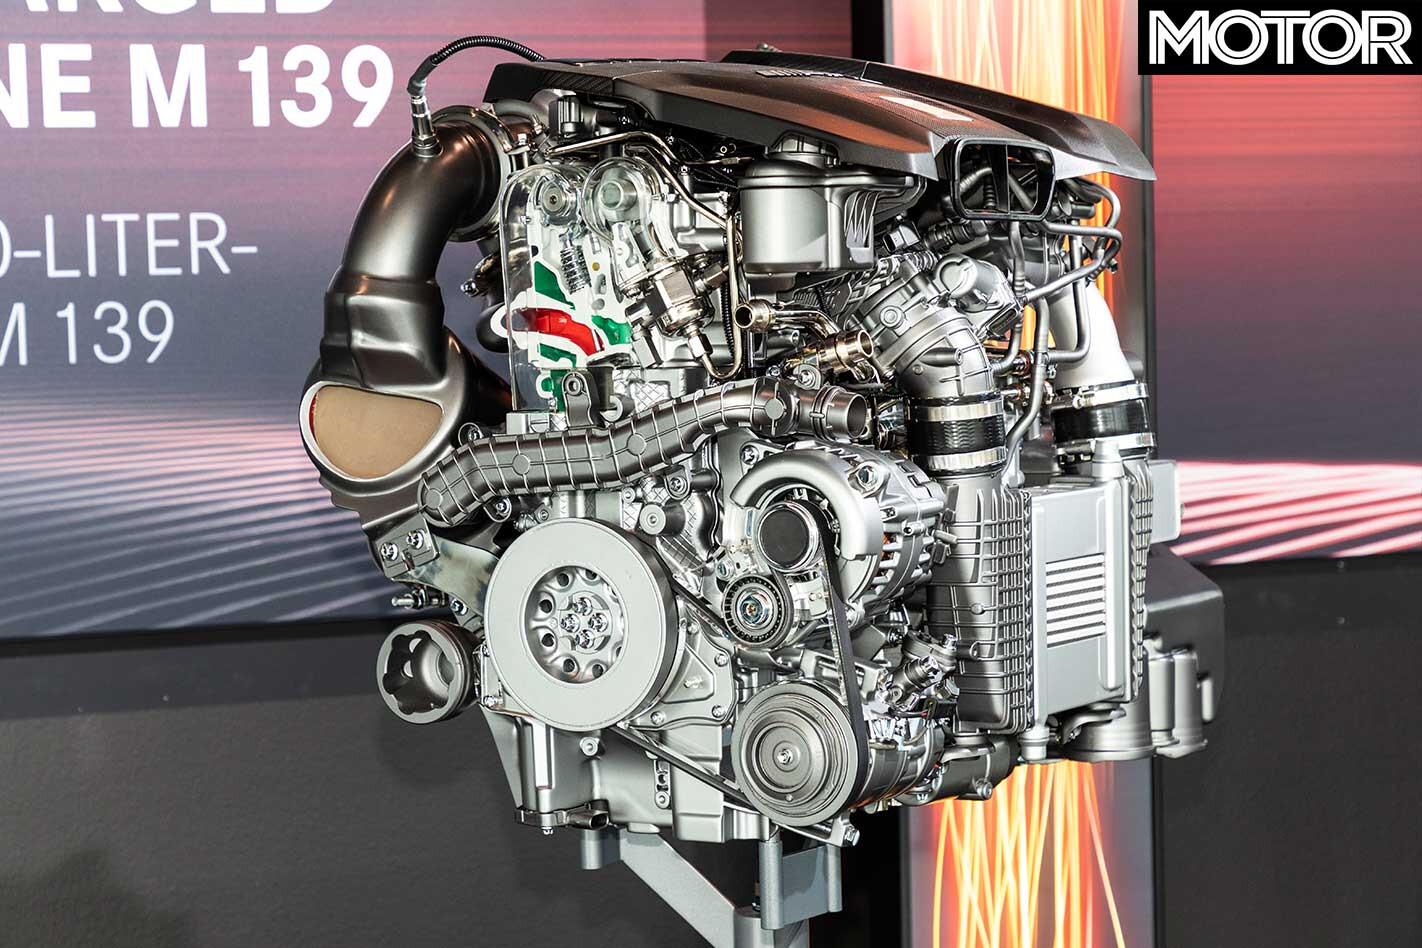 Mercedes AMG 310 K W M 139 Engine Cut Away Jpg